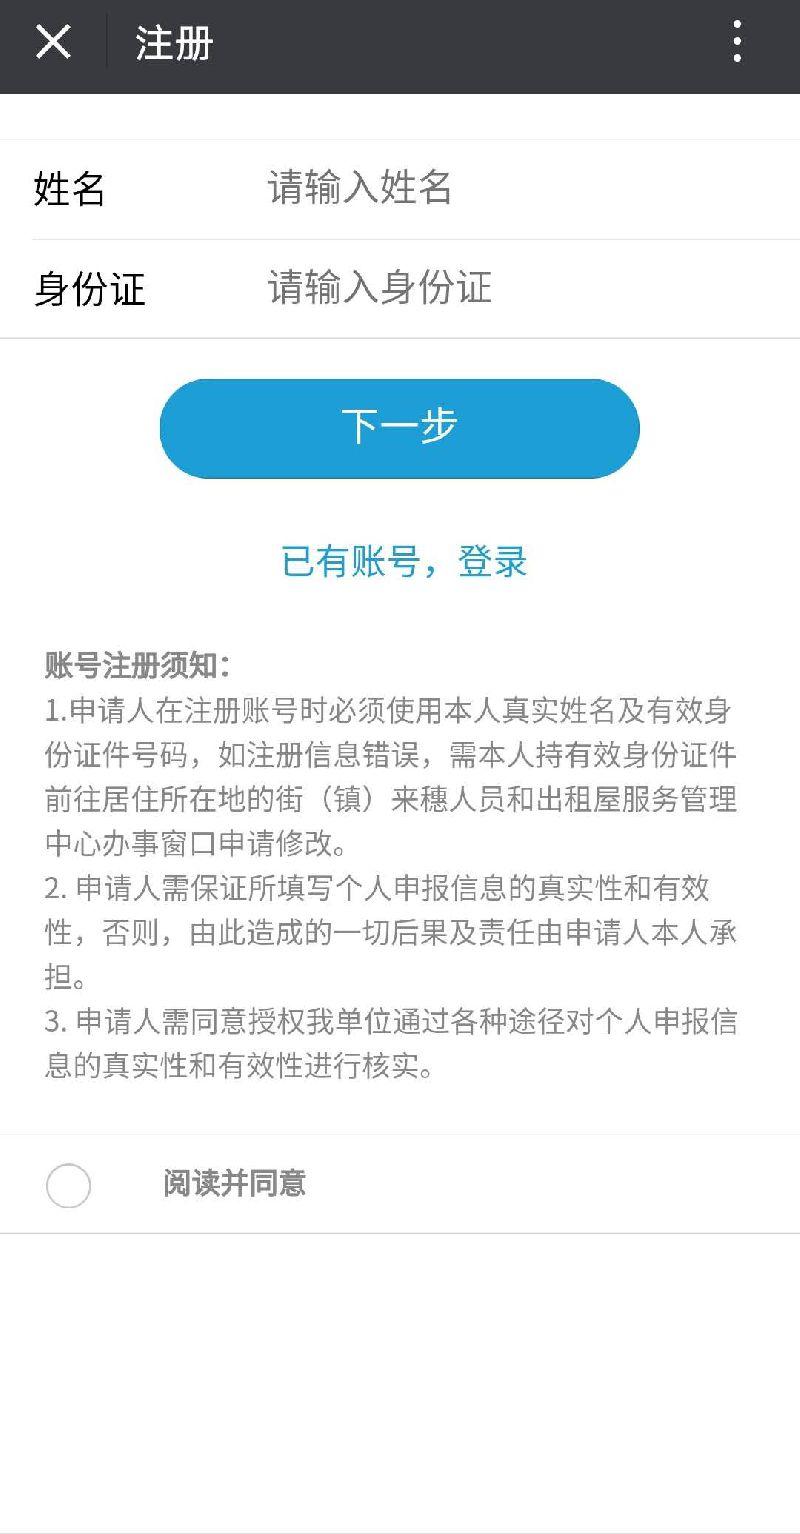 广州居住证微信办理入口及操作流程图解